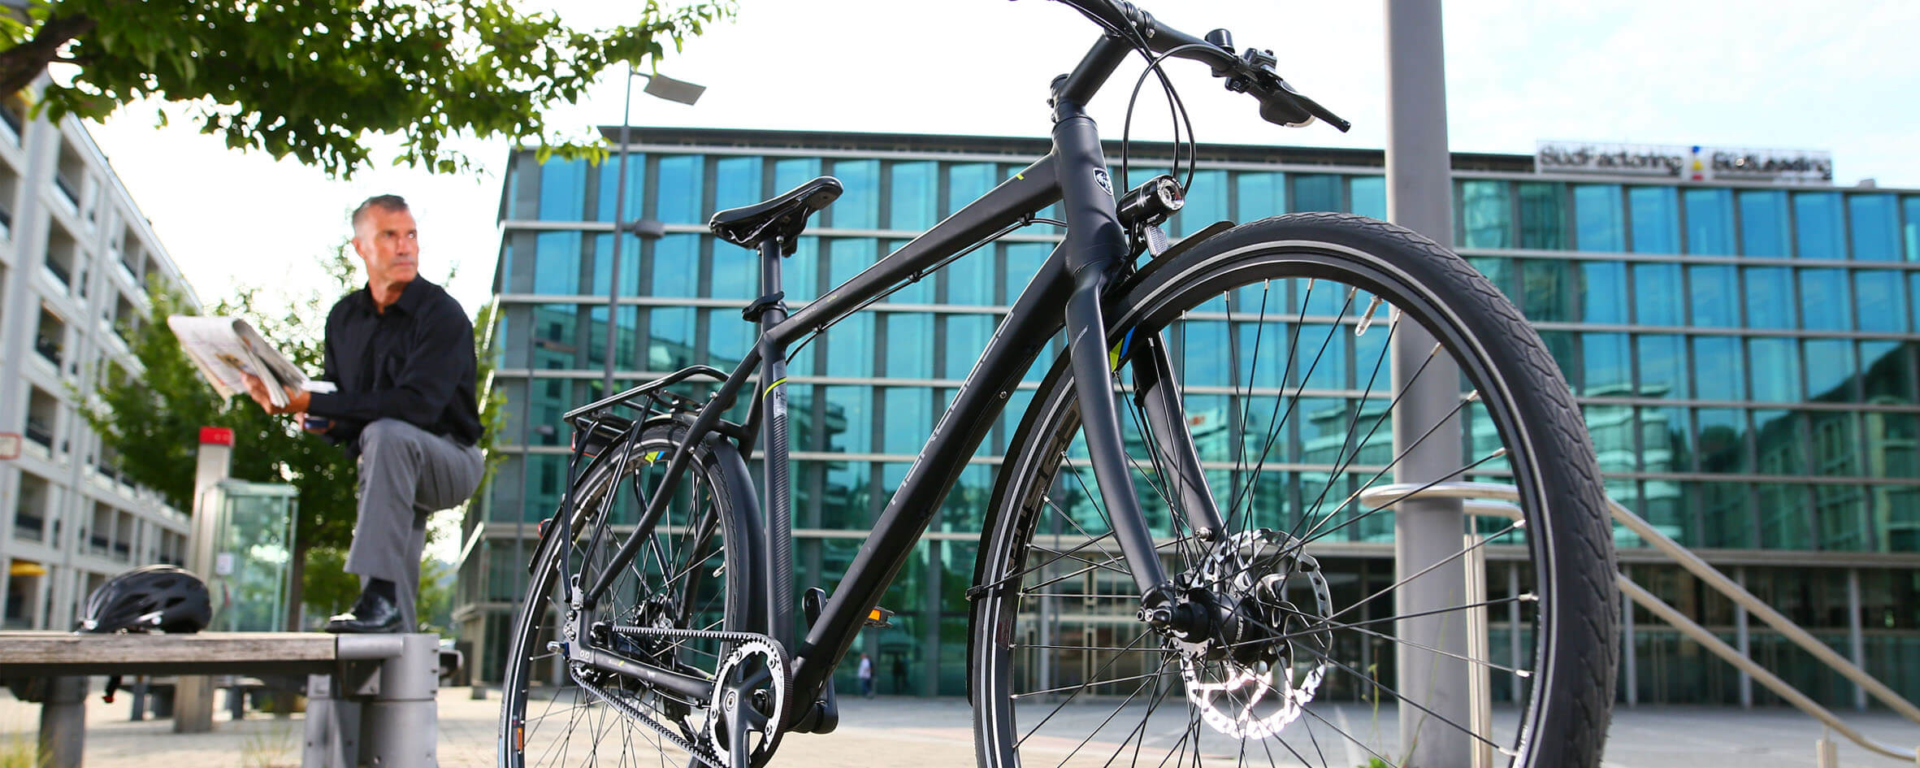 Fahrrad steht vor einem Gebäude. Im Hintergrund steht lessig ein Mann dersein Fahrrad anschaut.